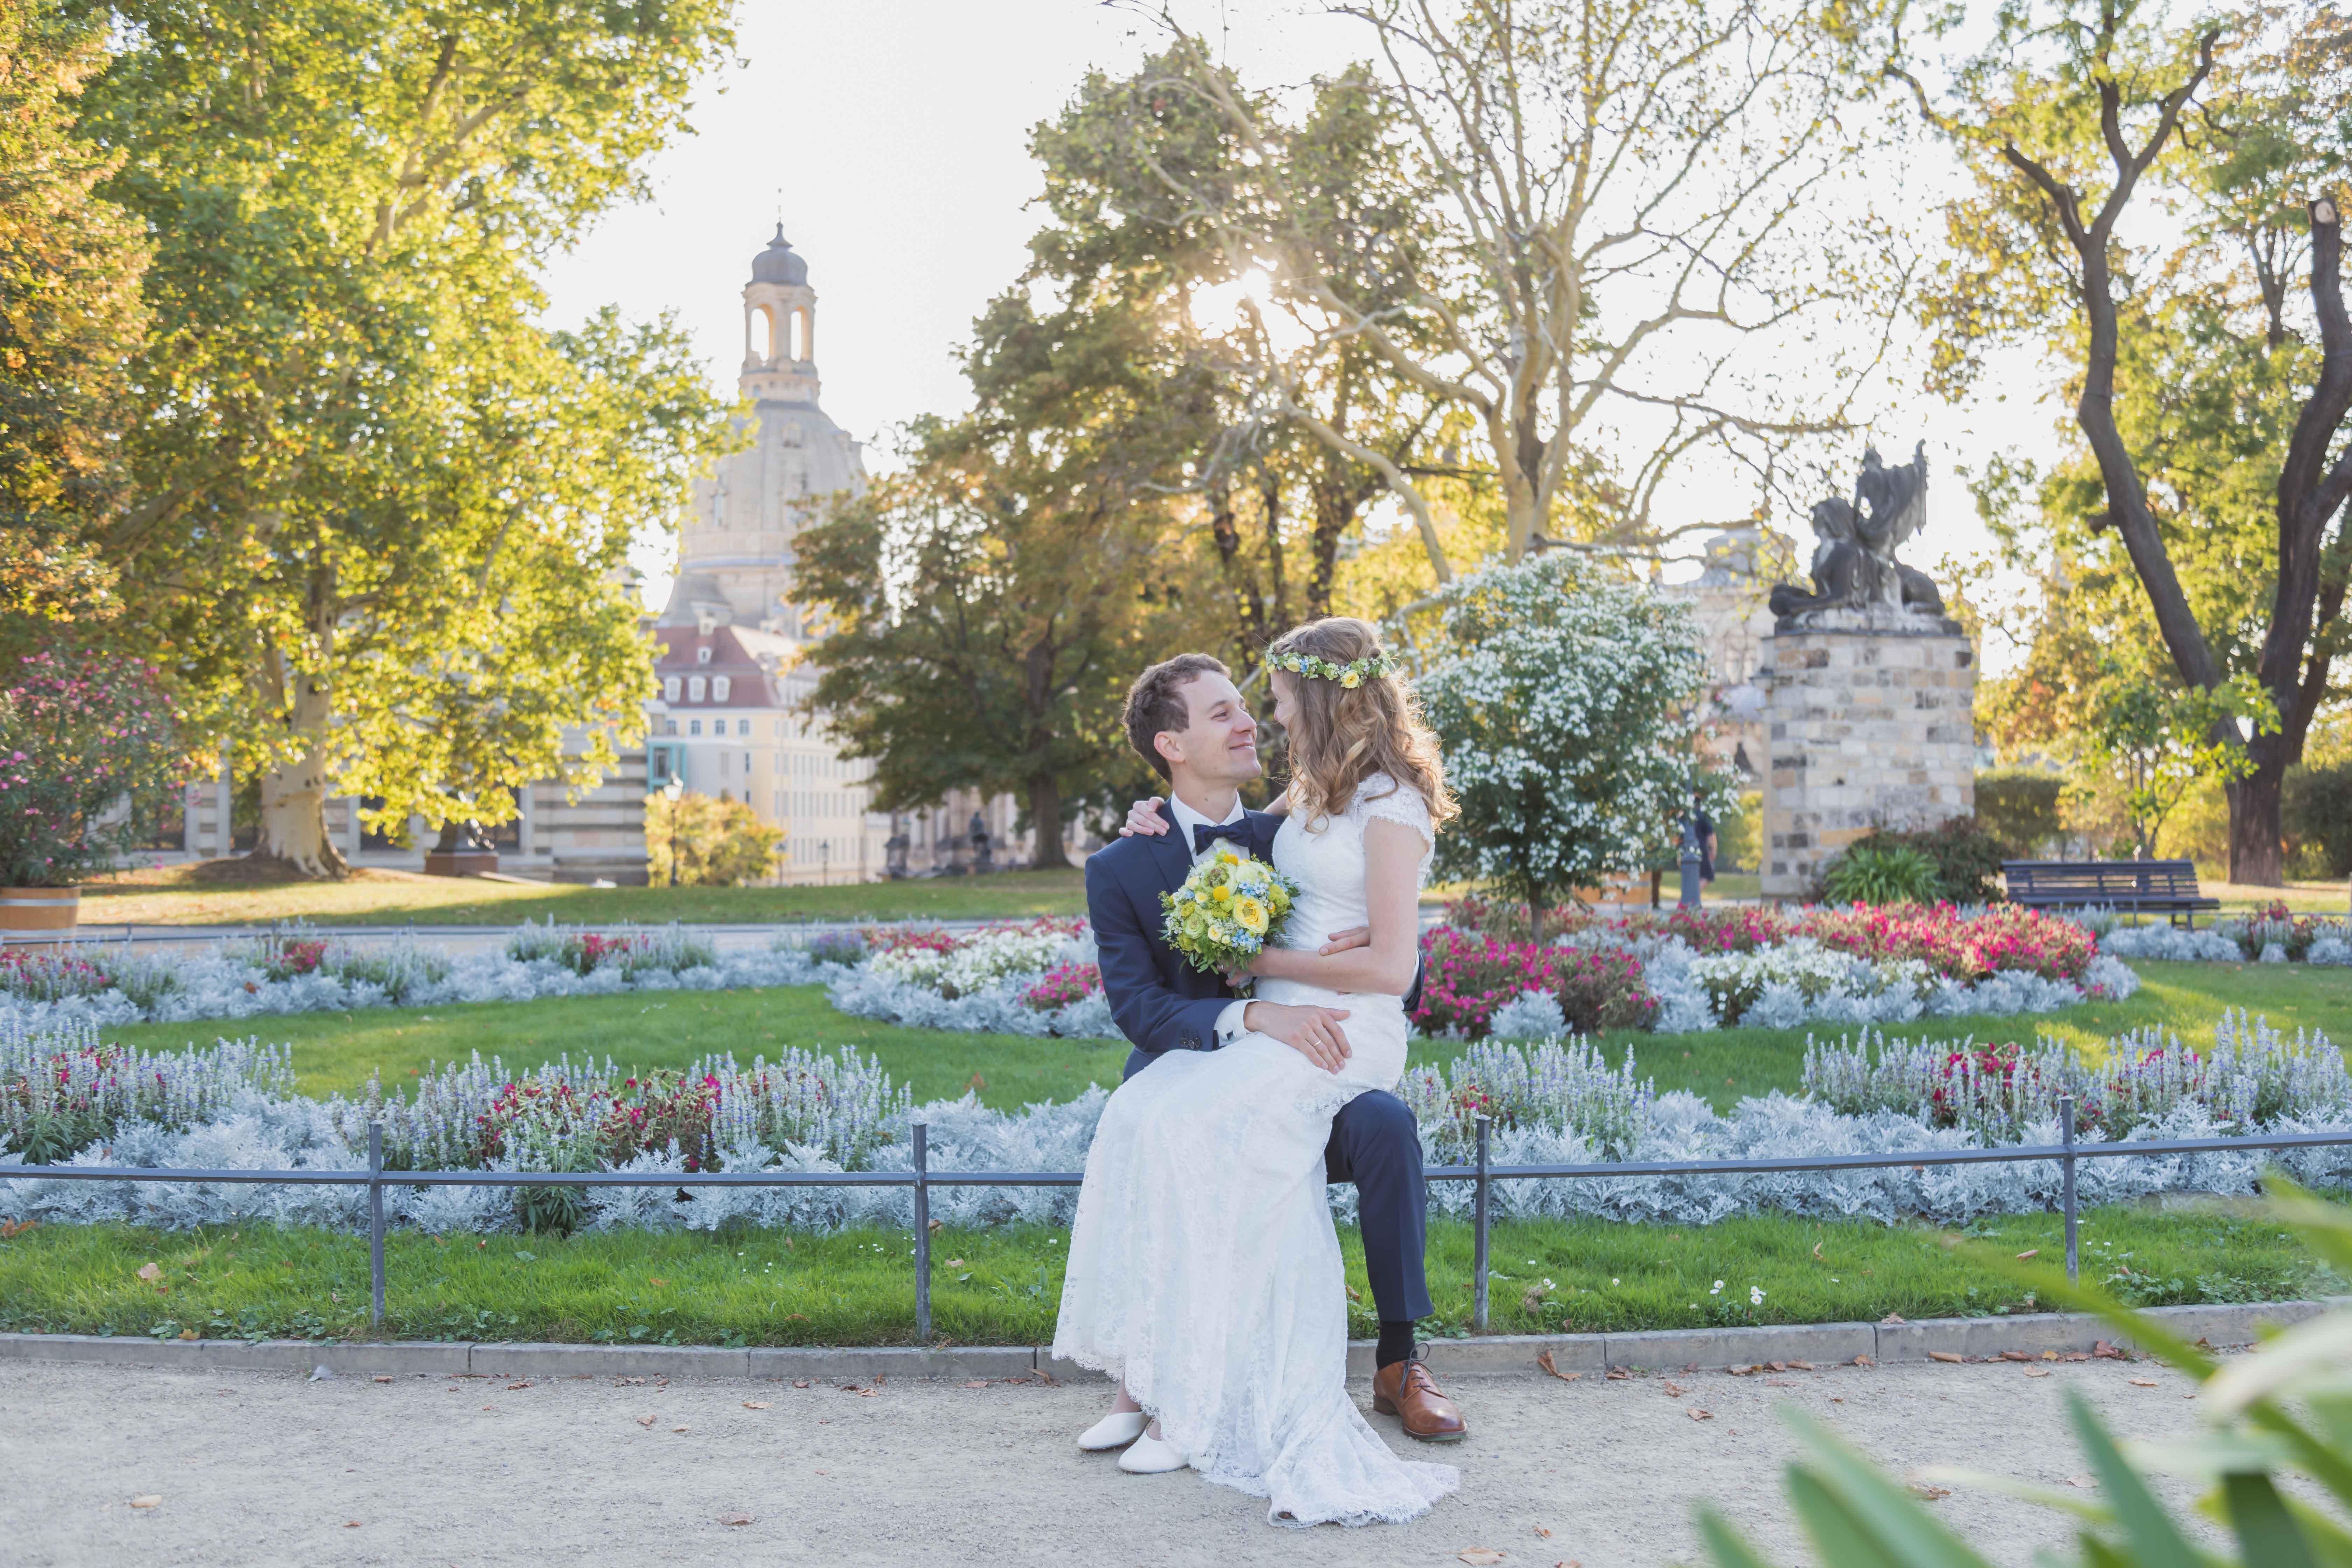 Hochzeits-Fotoshooting Brühlsche Terrasse Dresden